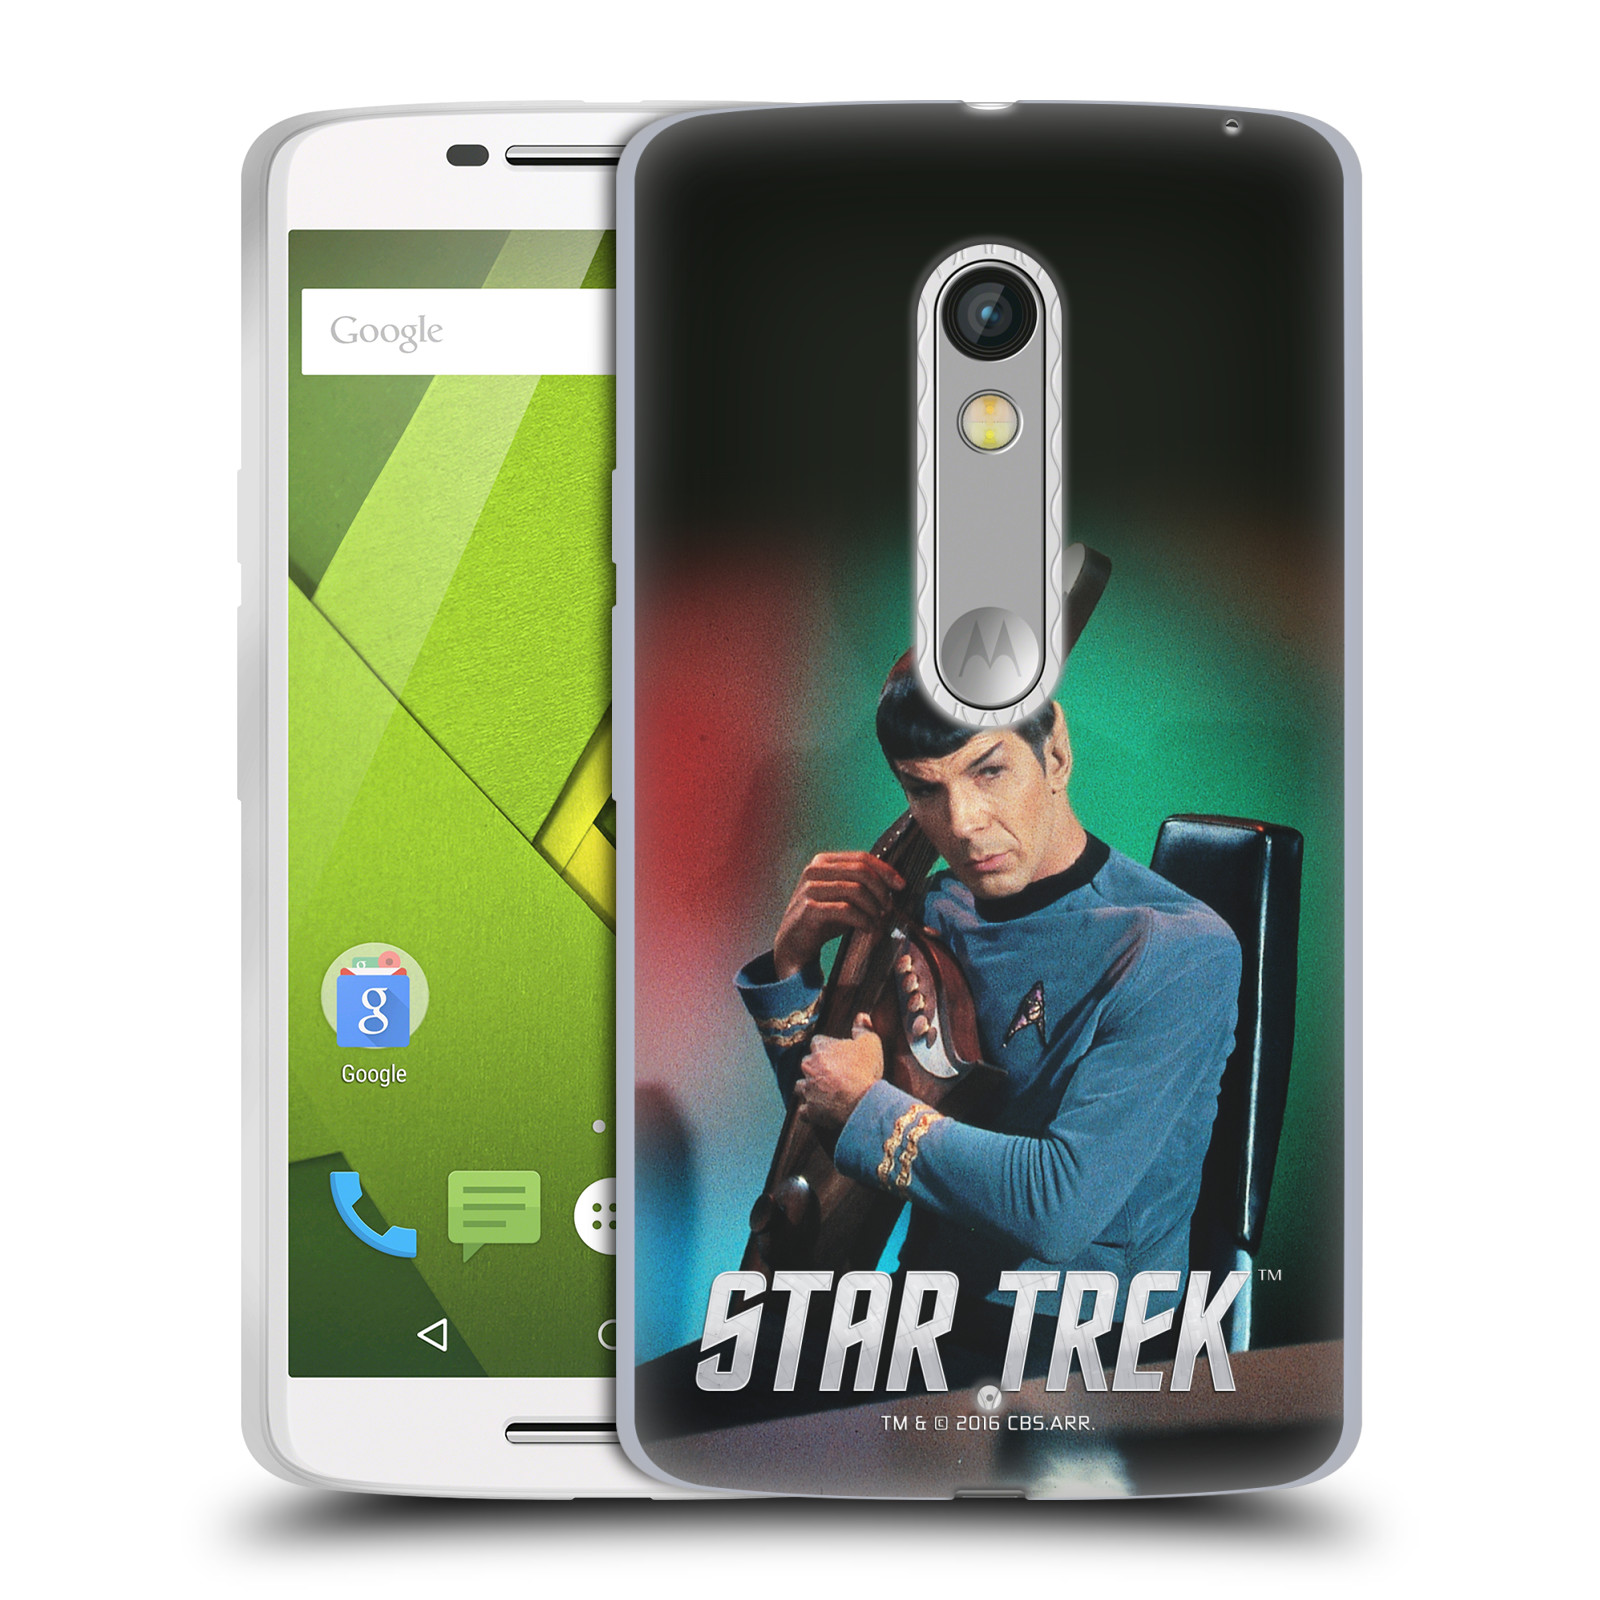 OFFICIAL STAR TREK SPOCK SOFT GEL CASE FOR MOTOROLA PHONES ...